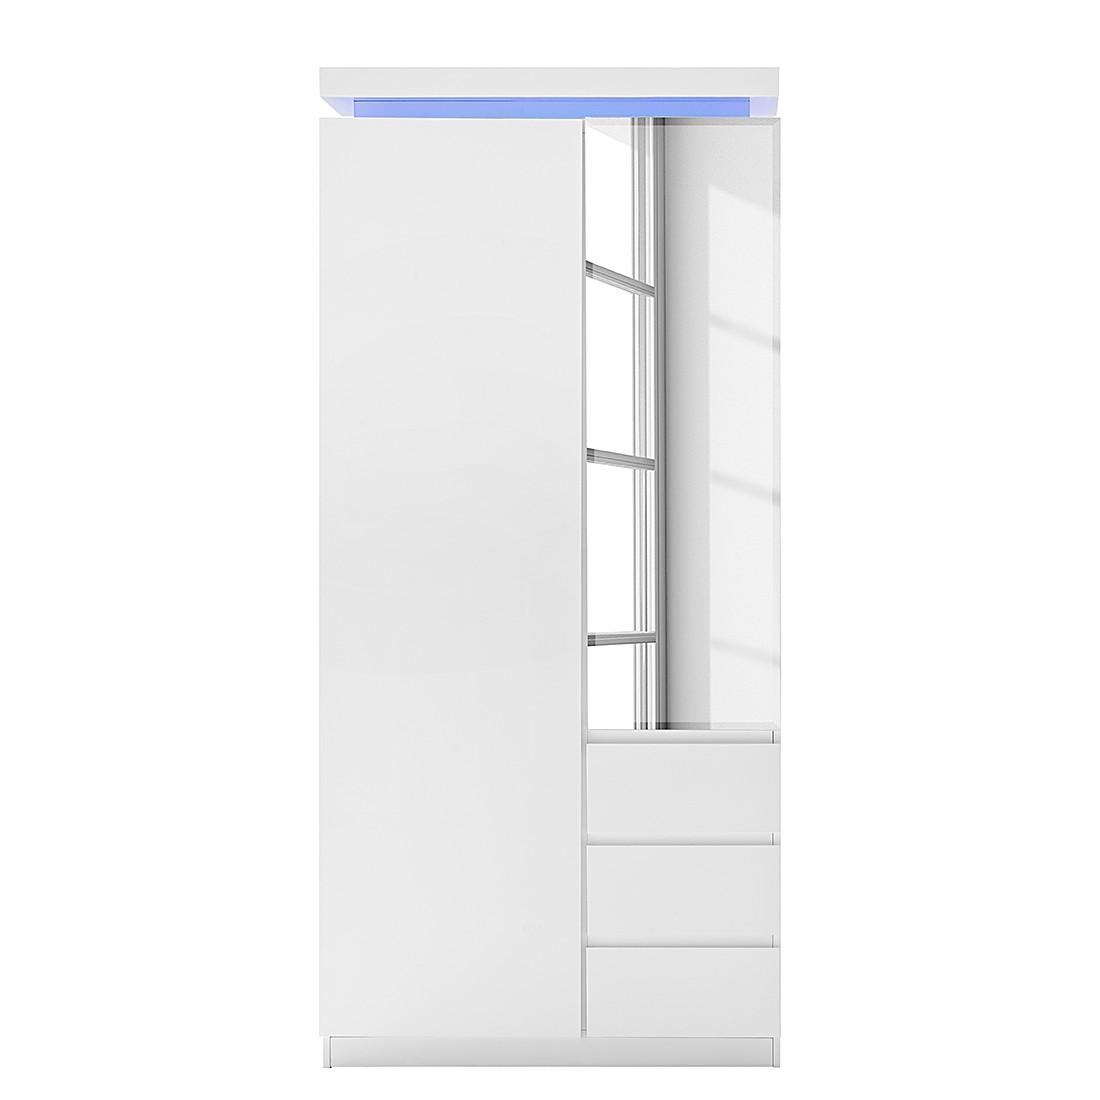 Garderobenschrank EMBLAZE - Hochglanz Weiß